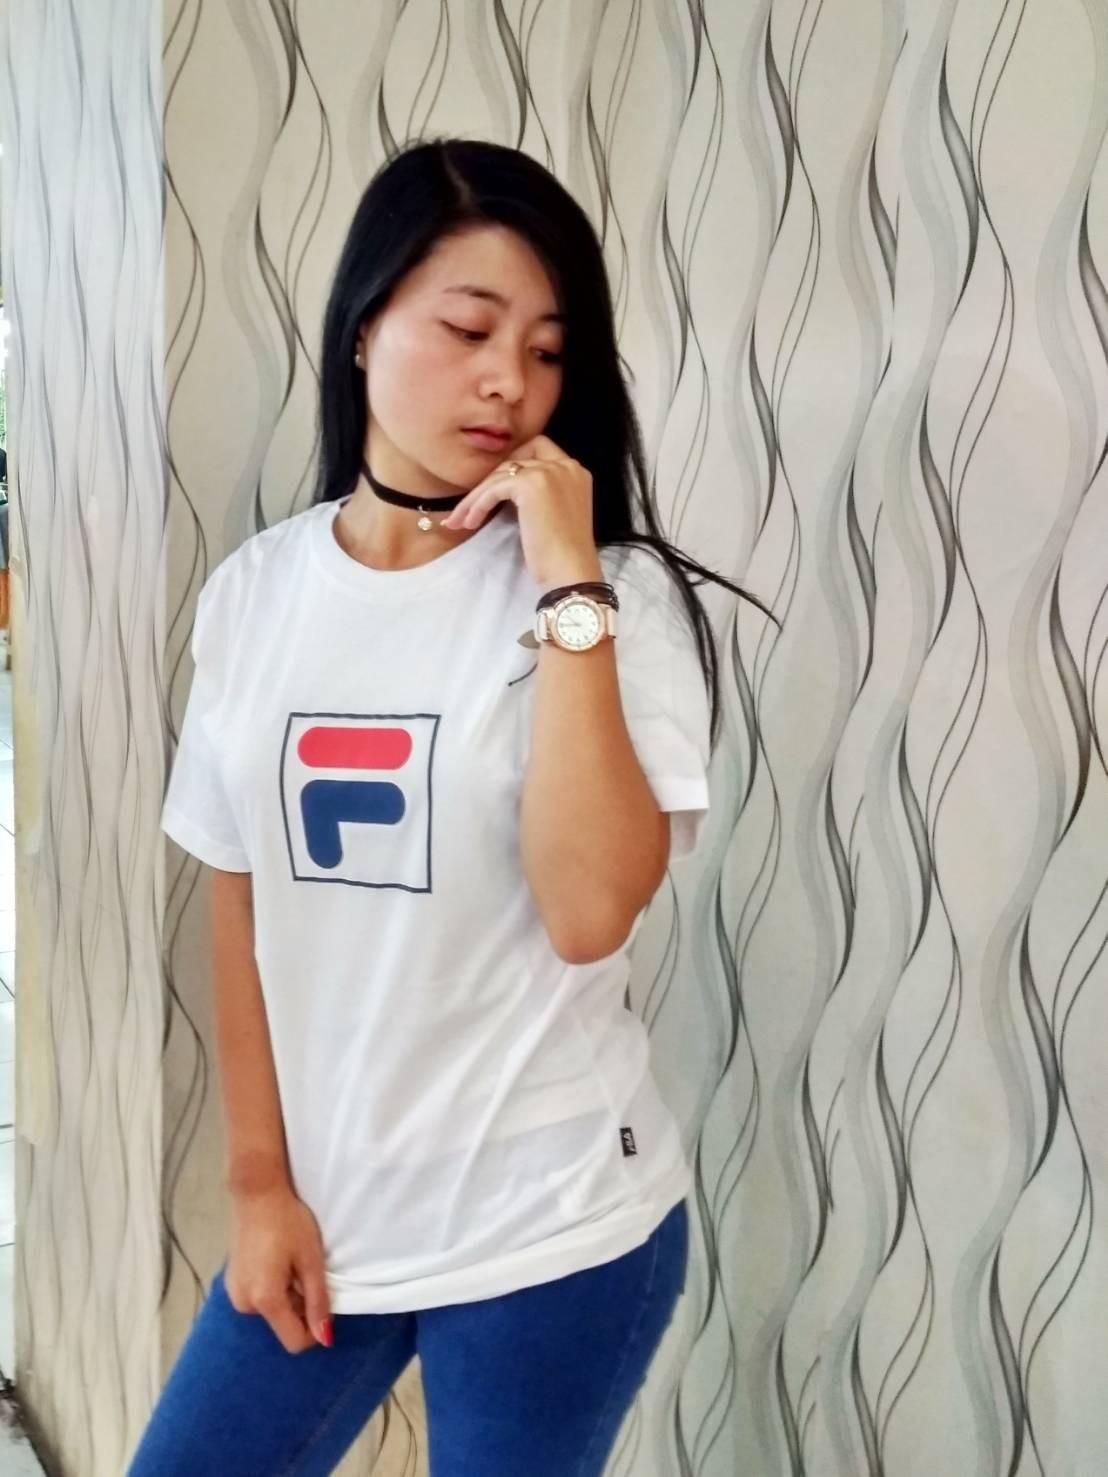 Page 875 Of 3604 Harga Terbaru Dan Termurah Jam Tangan Wanita Fossil Original Es3950 Tailor Dark Brown Leather Yrvp Kaos Distro Pria Friday Killer